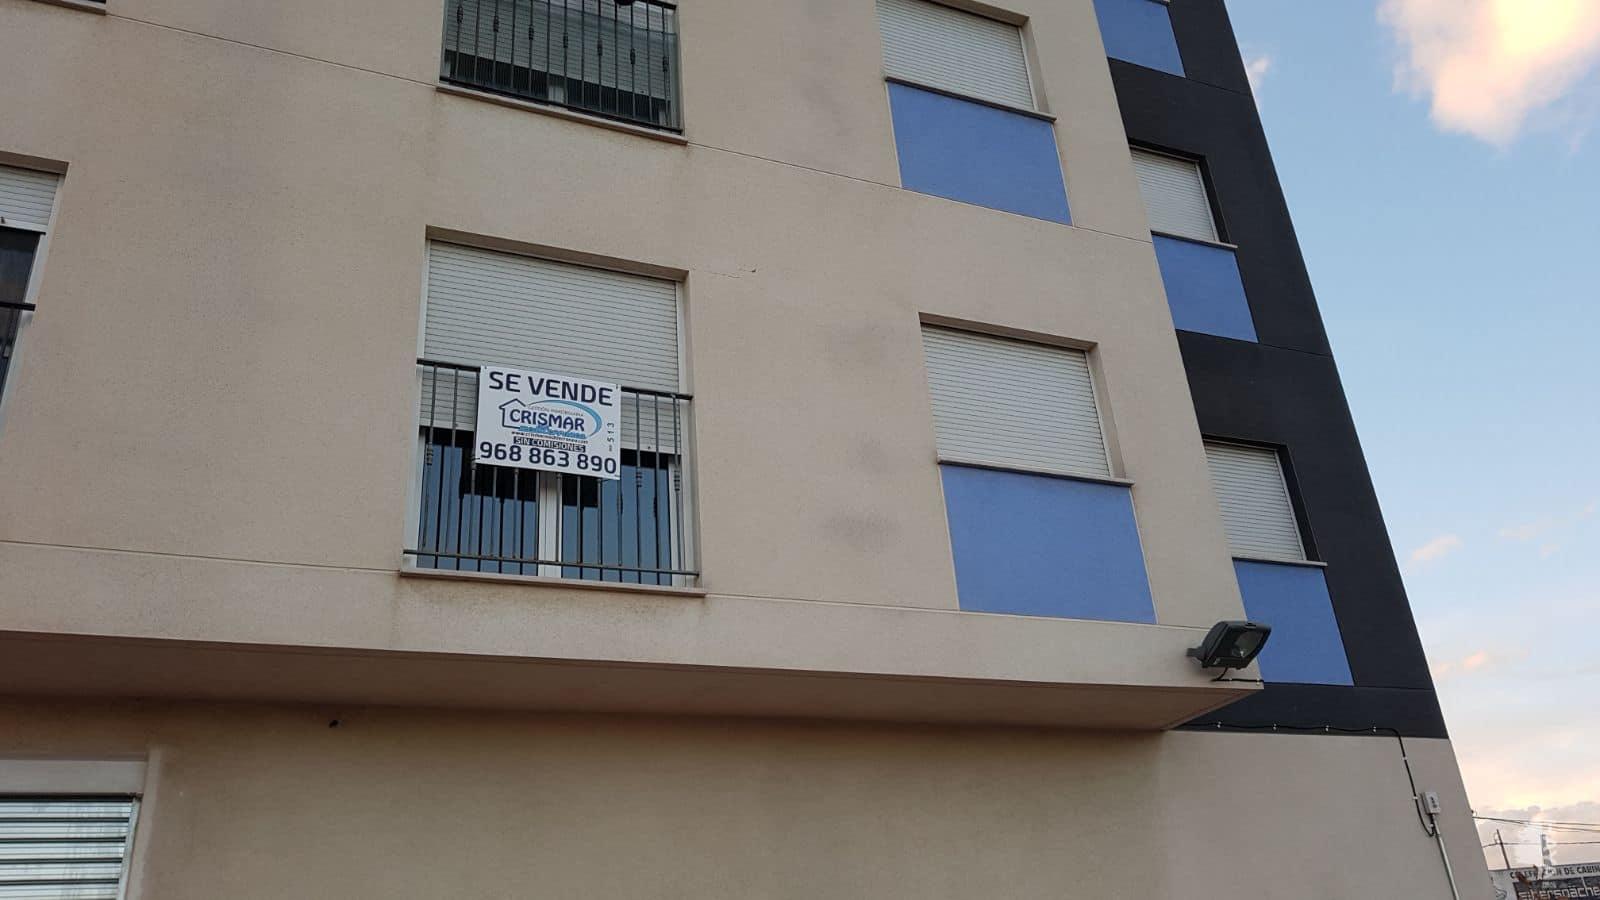 Piso en venta en Murcia, Murcia, Calle Cervantes,, 110.122 €, 3 habitaciones, 1 baño, 108 m2